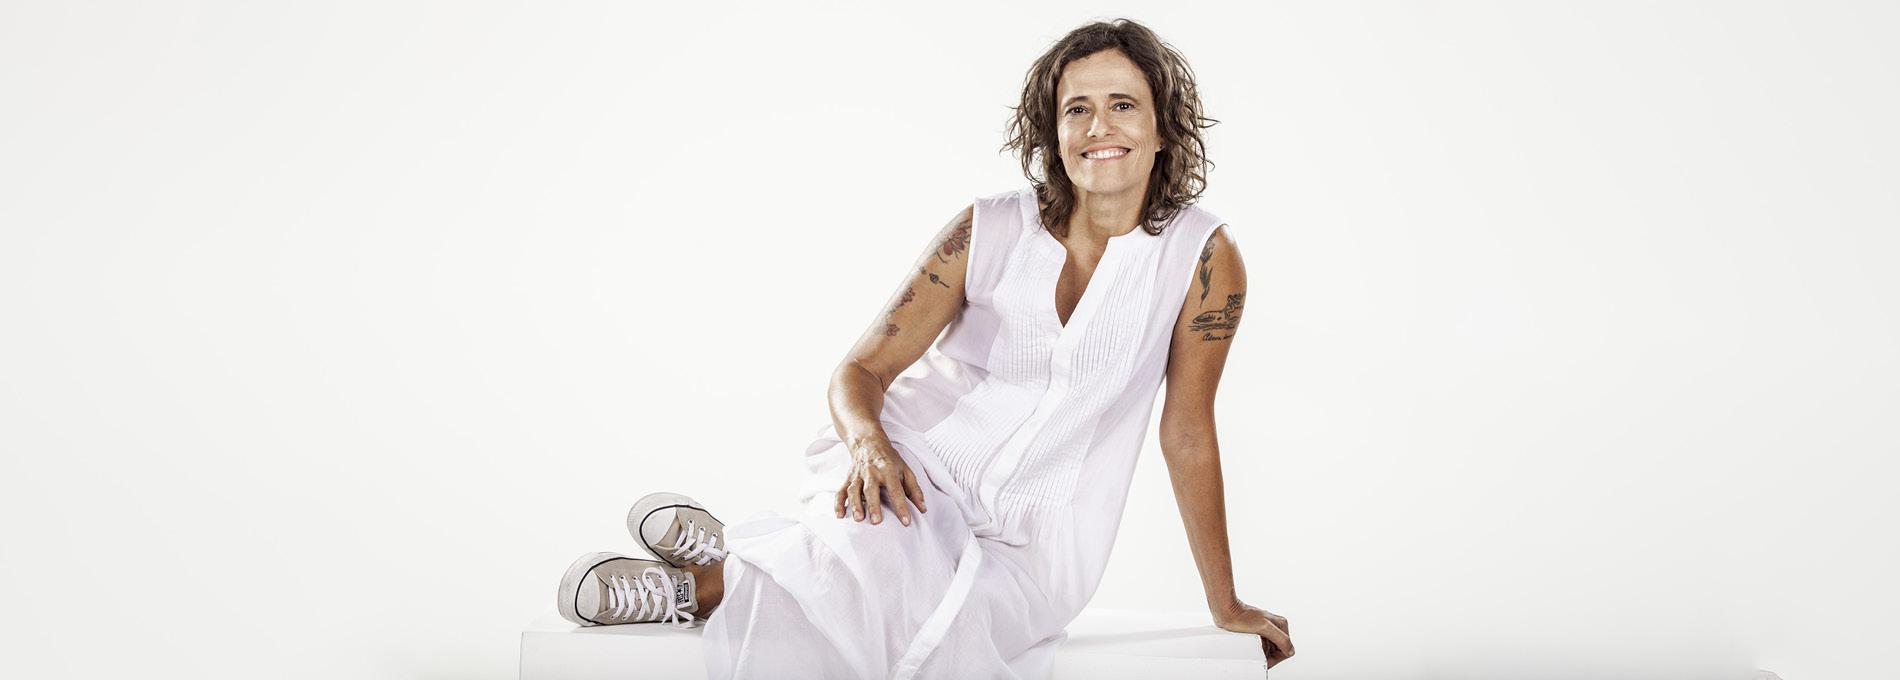 Zélia Duncan de branco fundo branco sentada